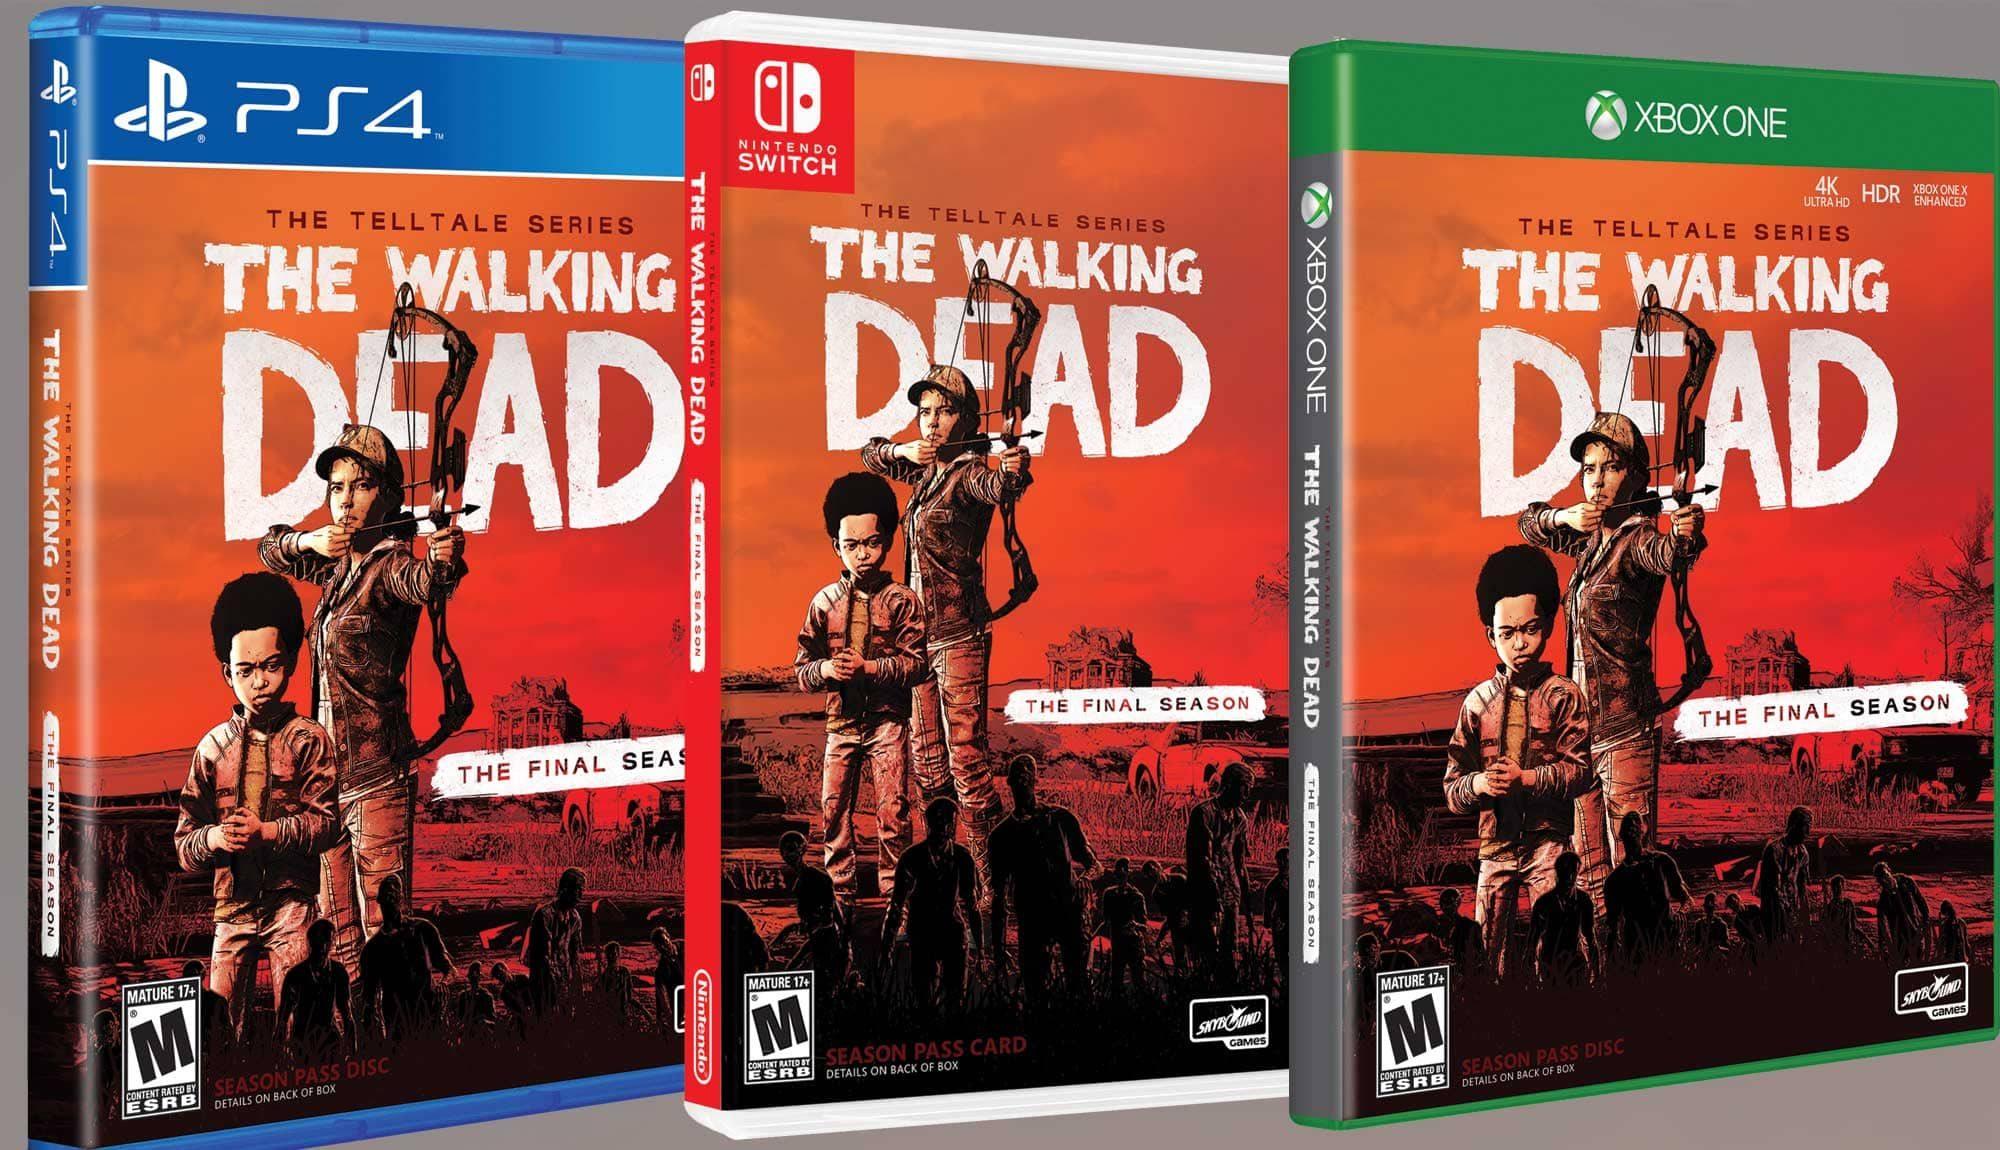 The Walking Dead: The Telltale Series - The Final Season Box